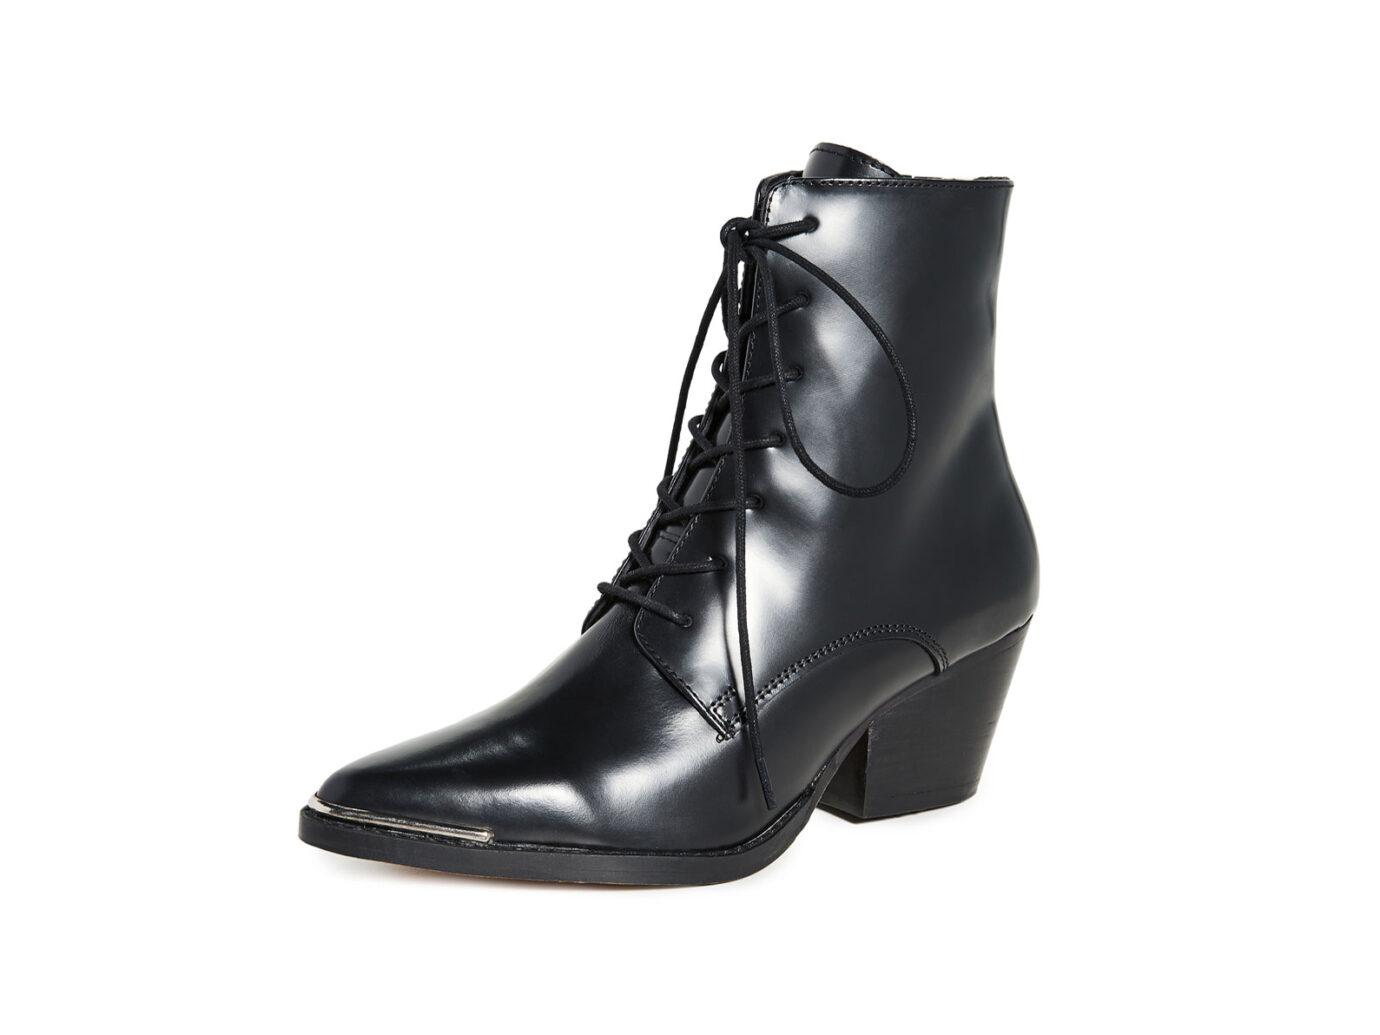 Jeffrey Campbell Kelam Lace Up Boots